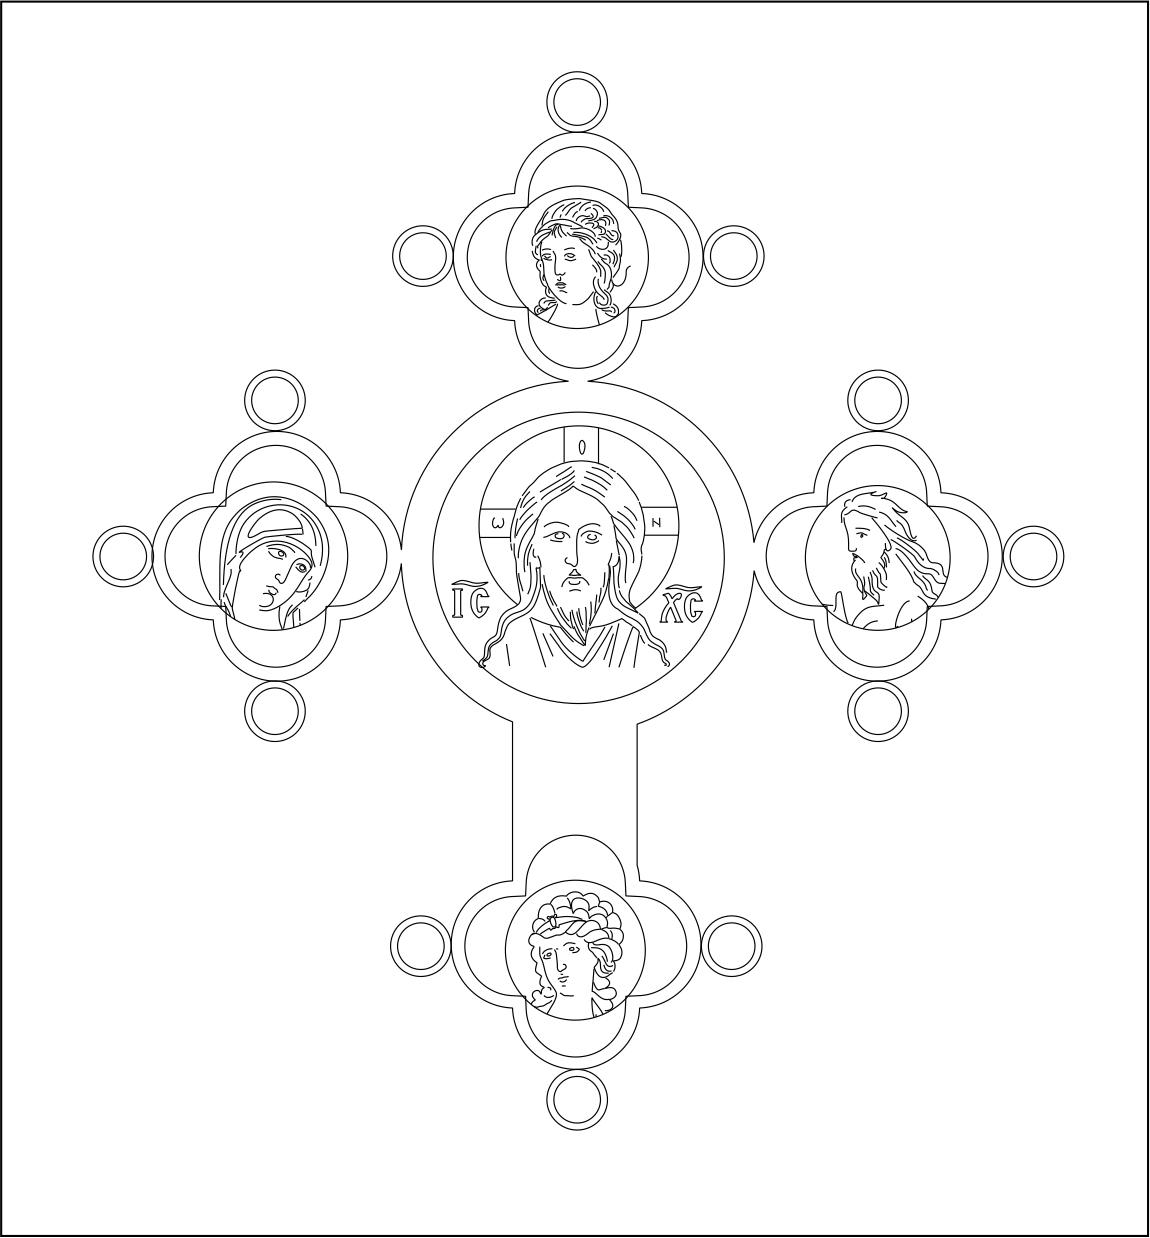 Krst 18.jpg